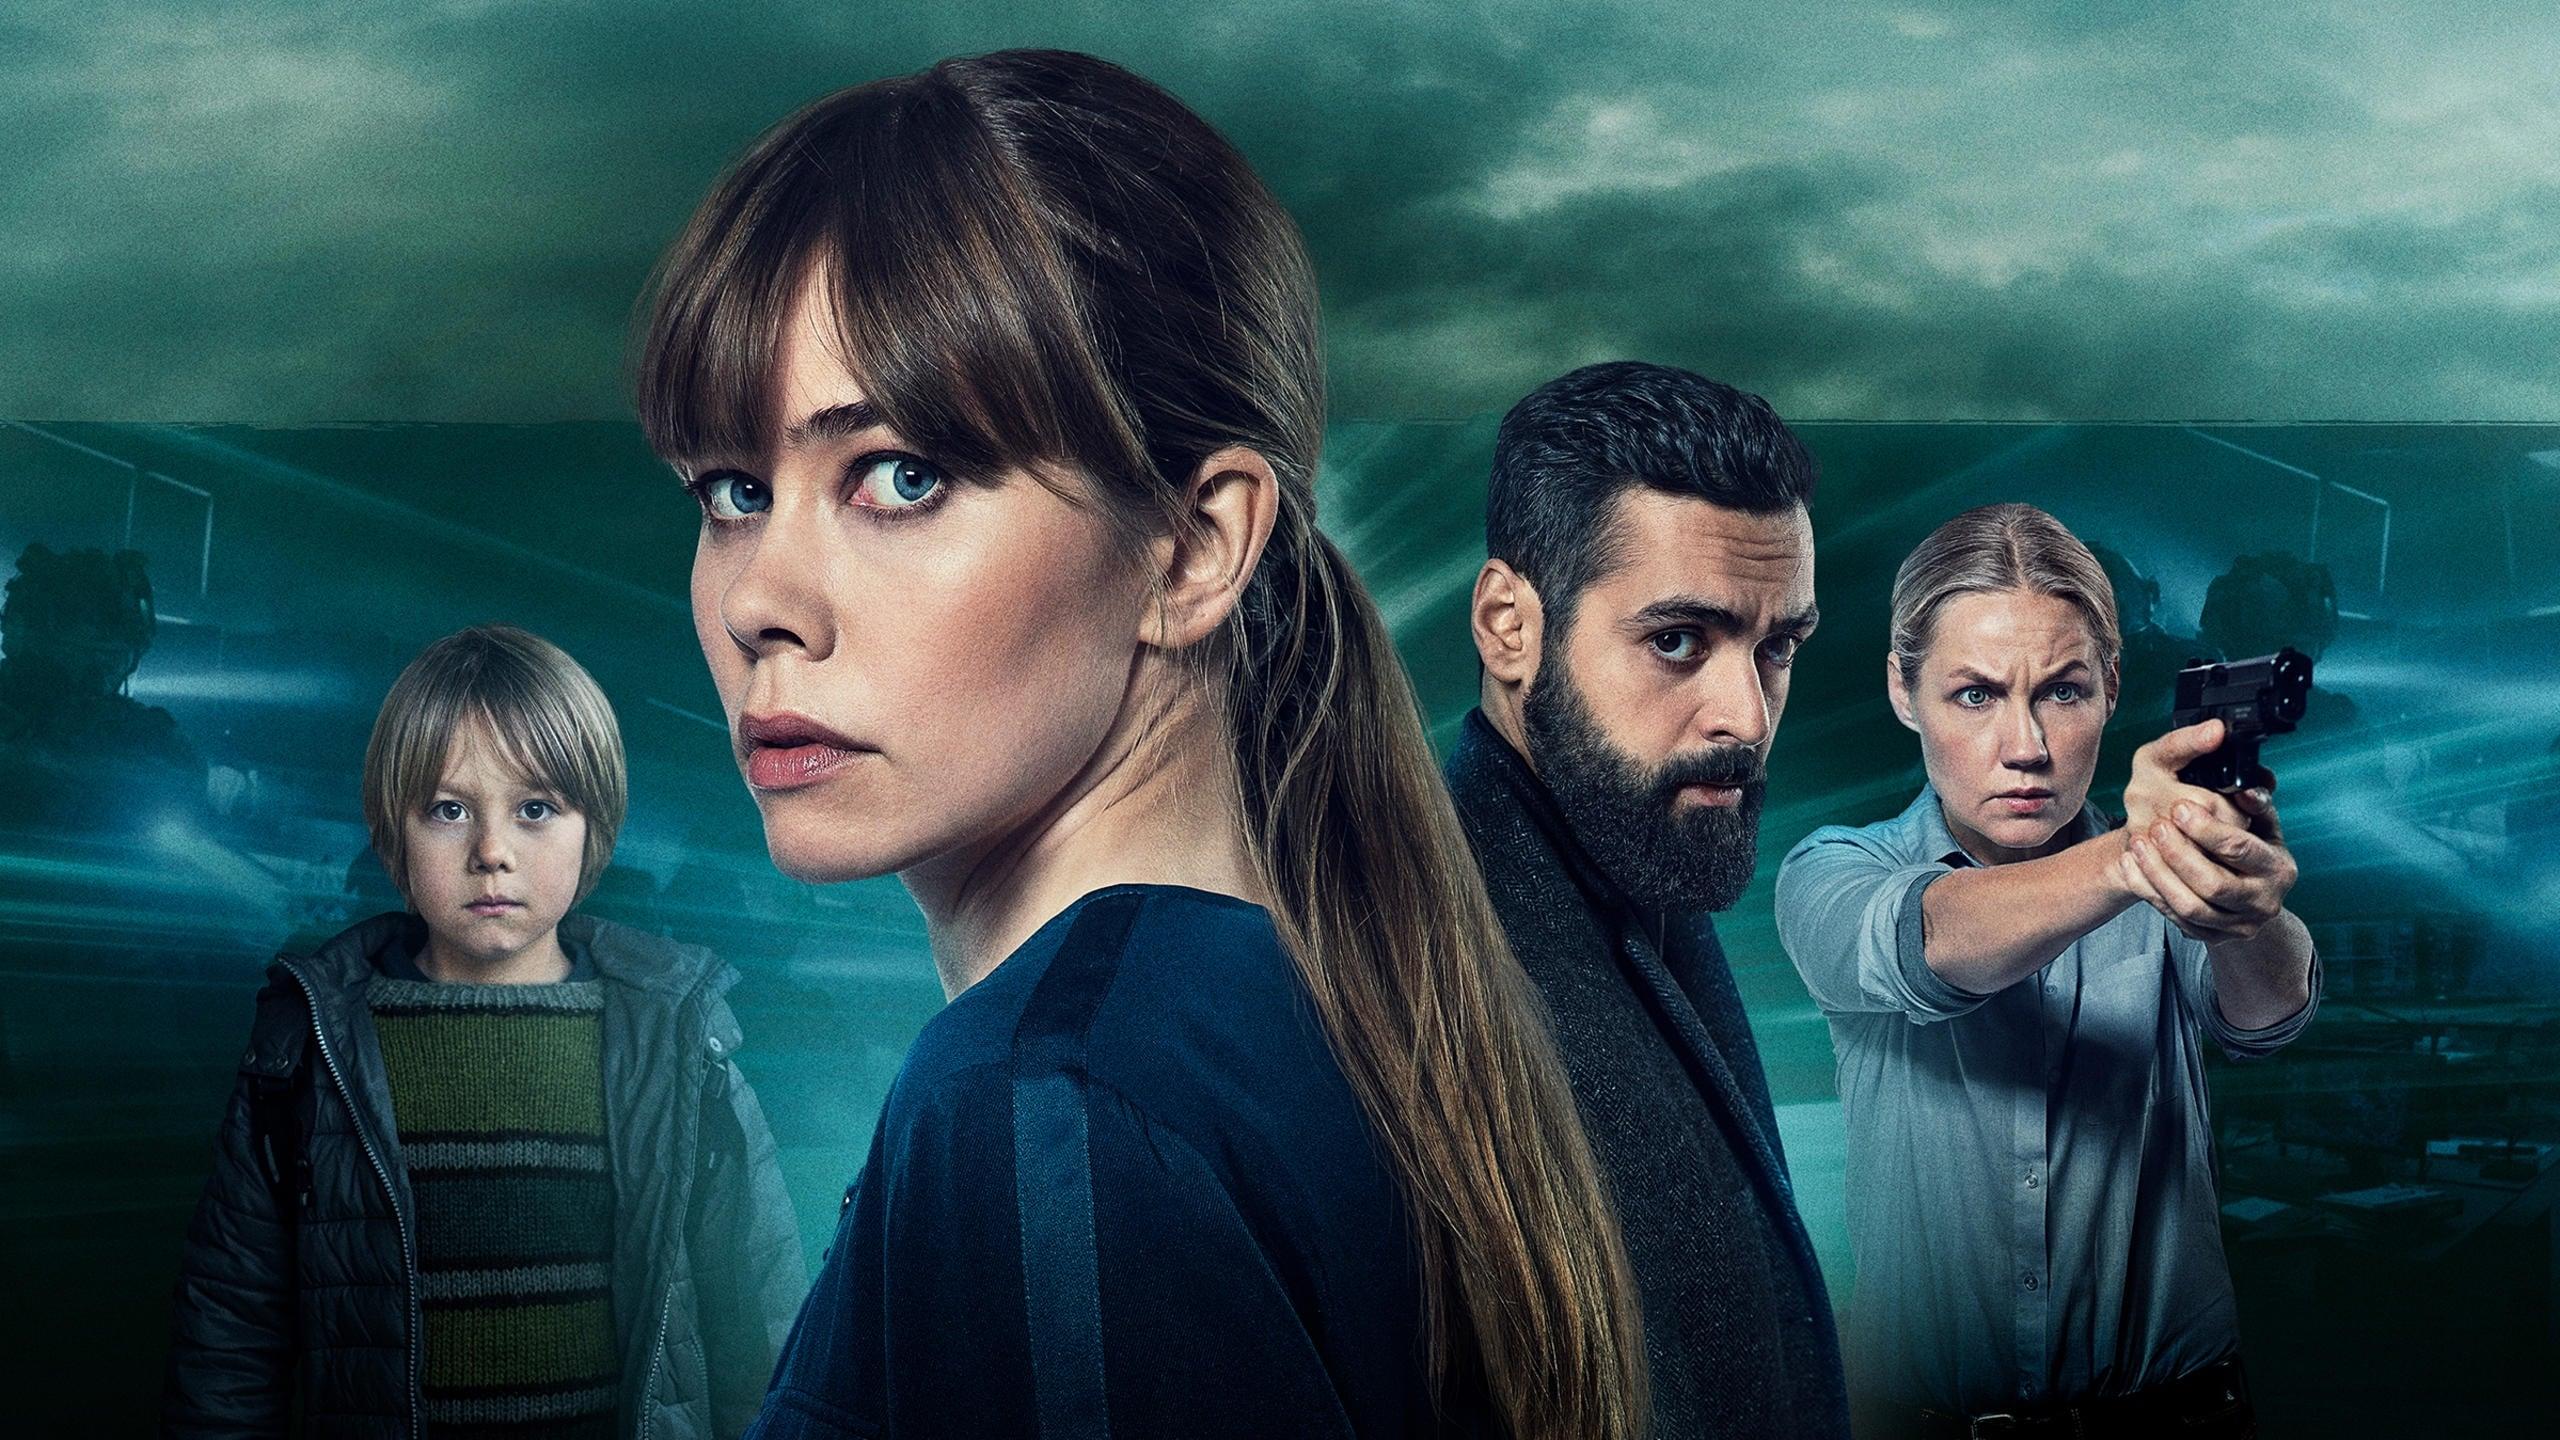 Greyzone Season 1 Episode 1